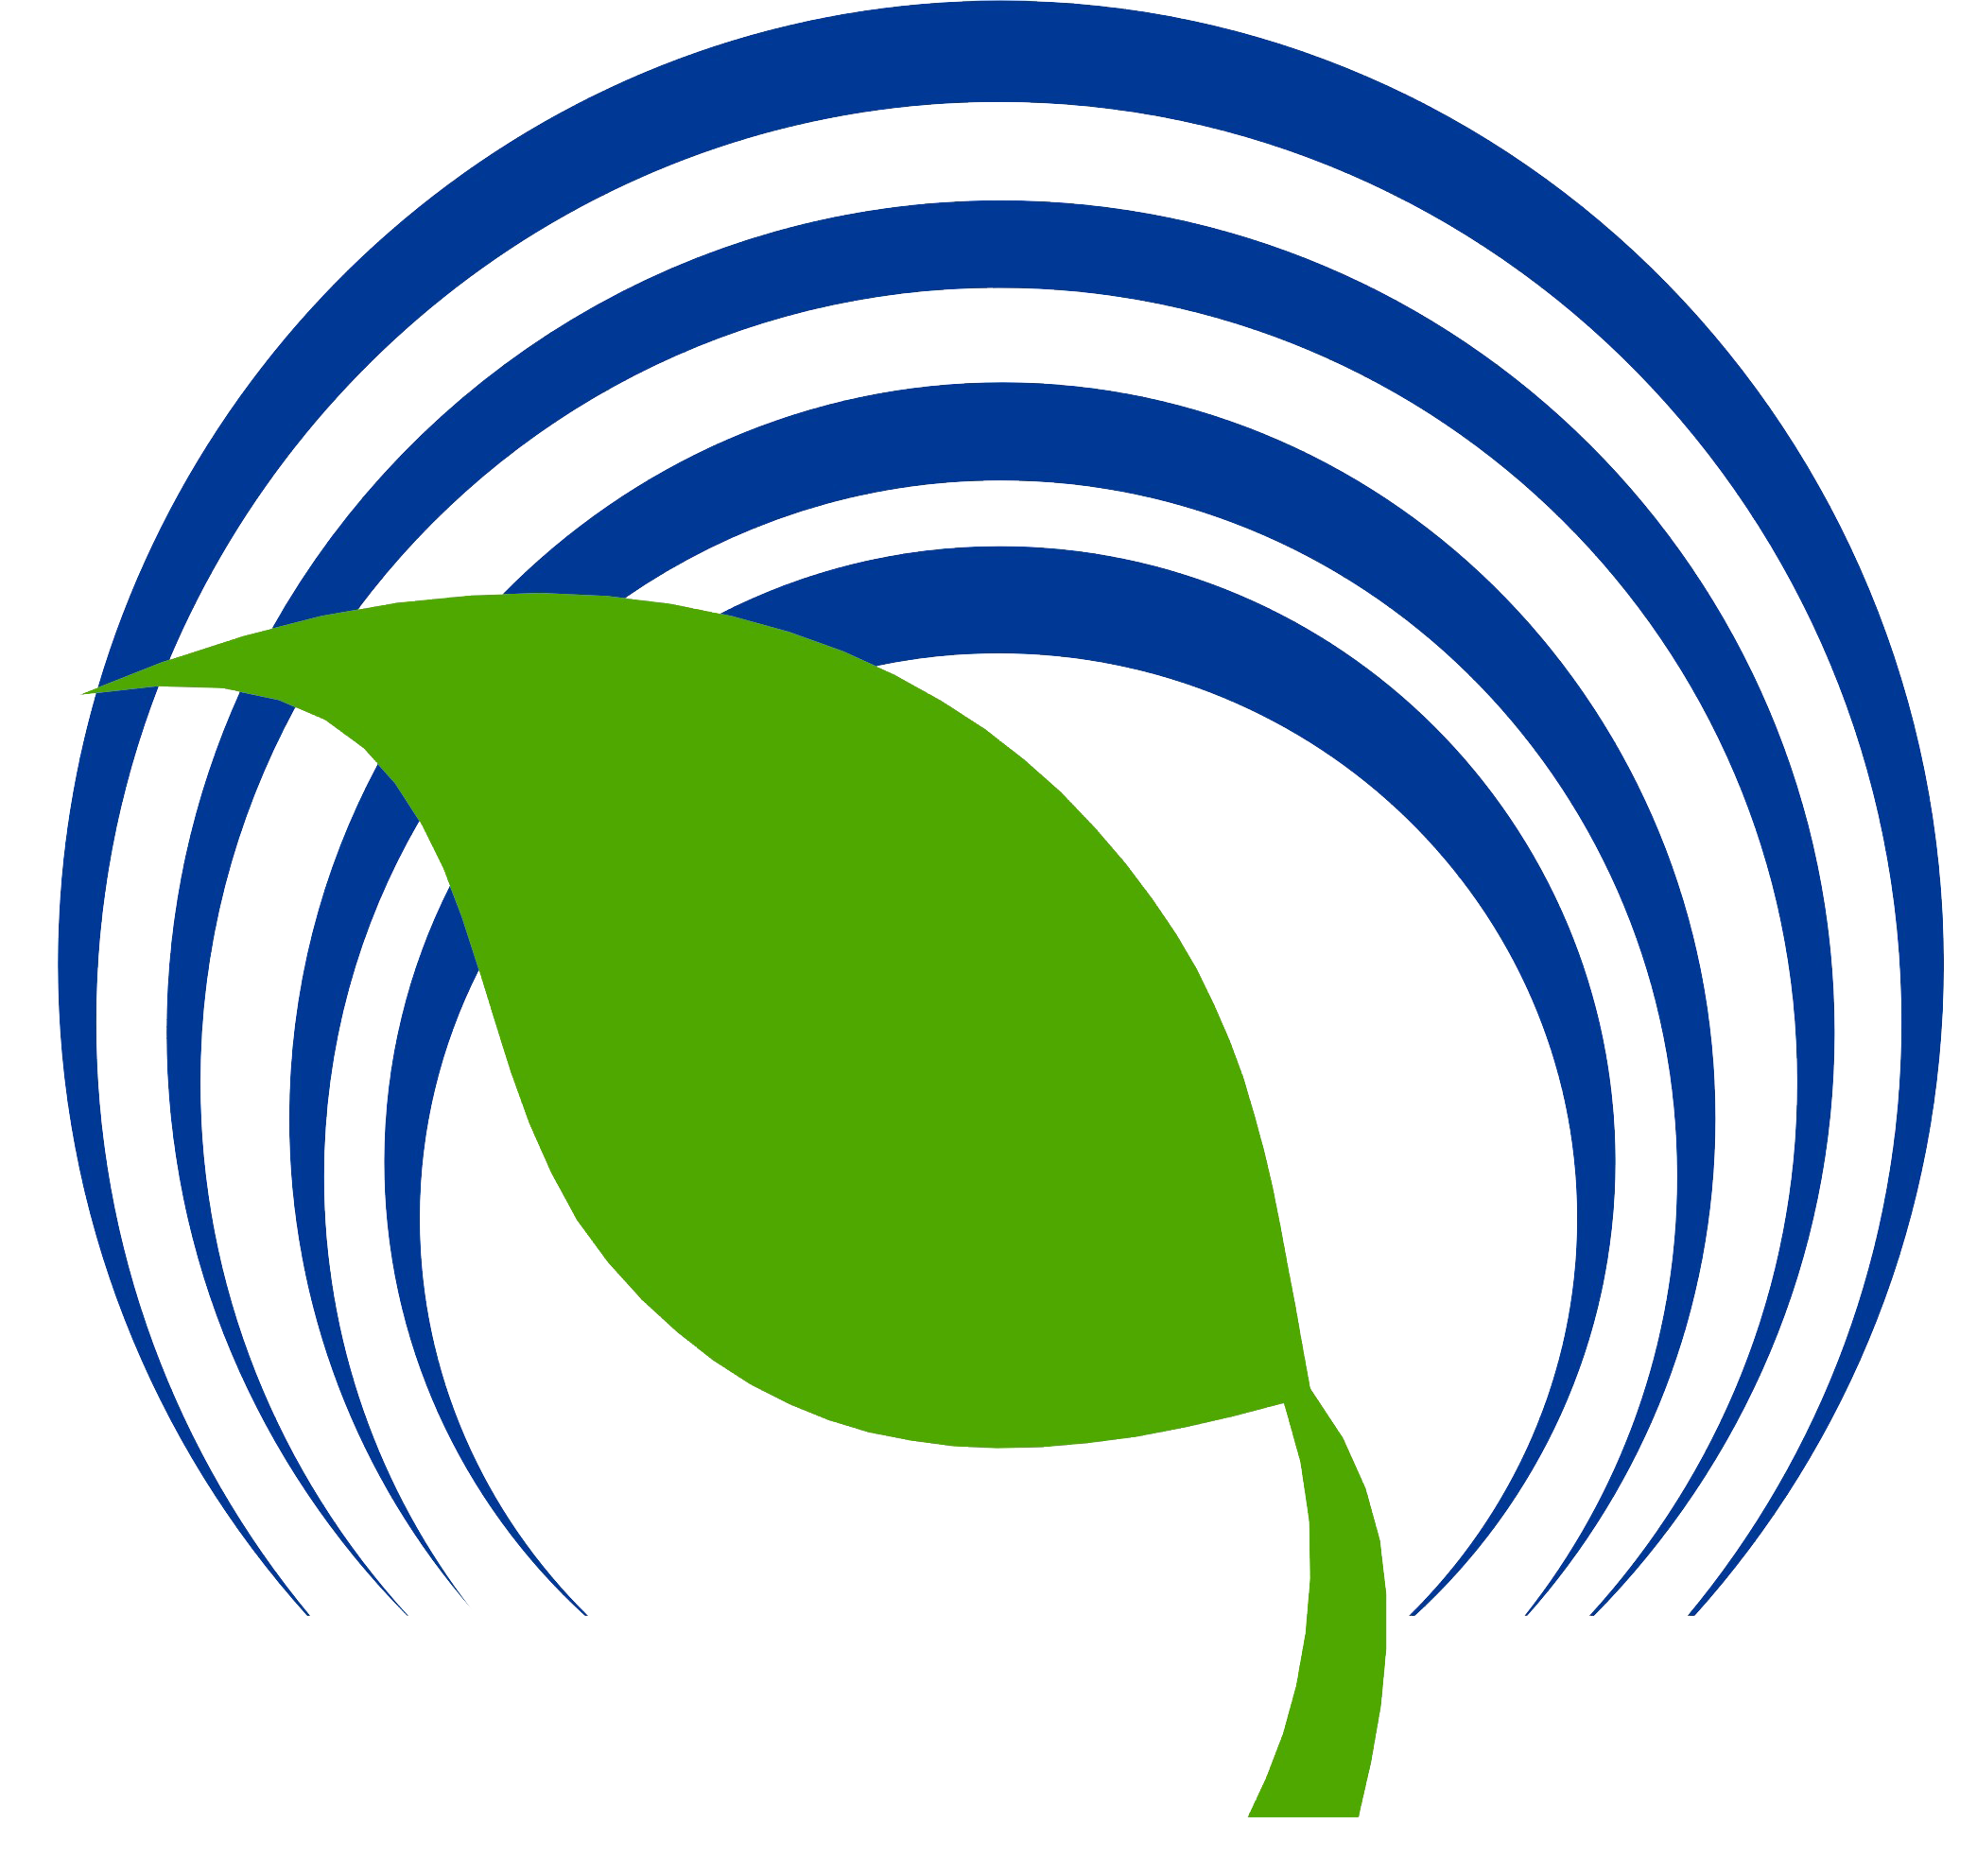 AIHO – Associação Interprofissional de Horticultura do Oeste